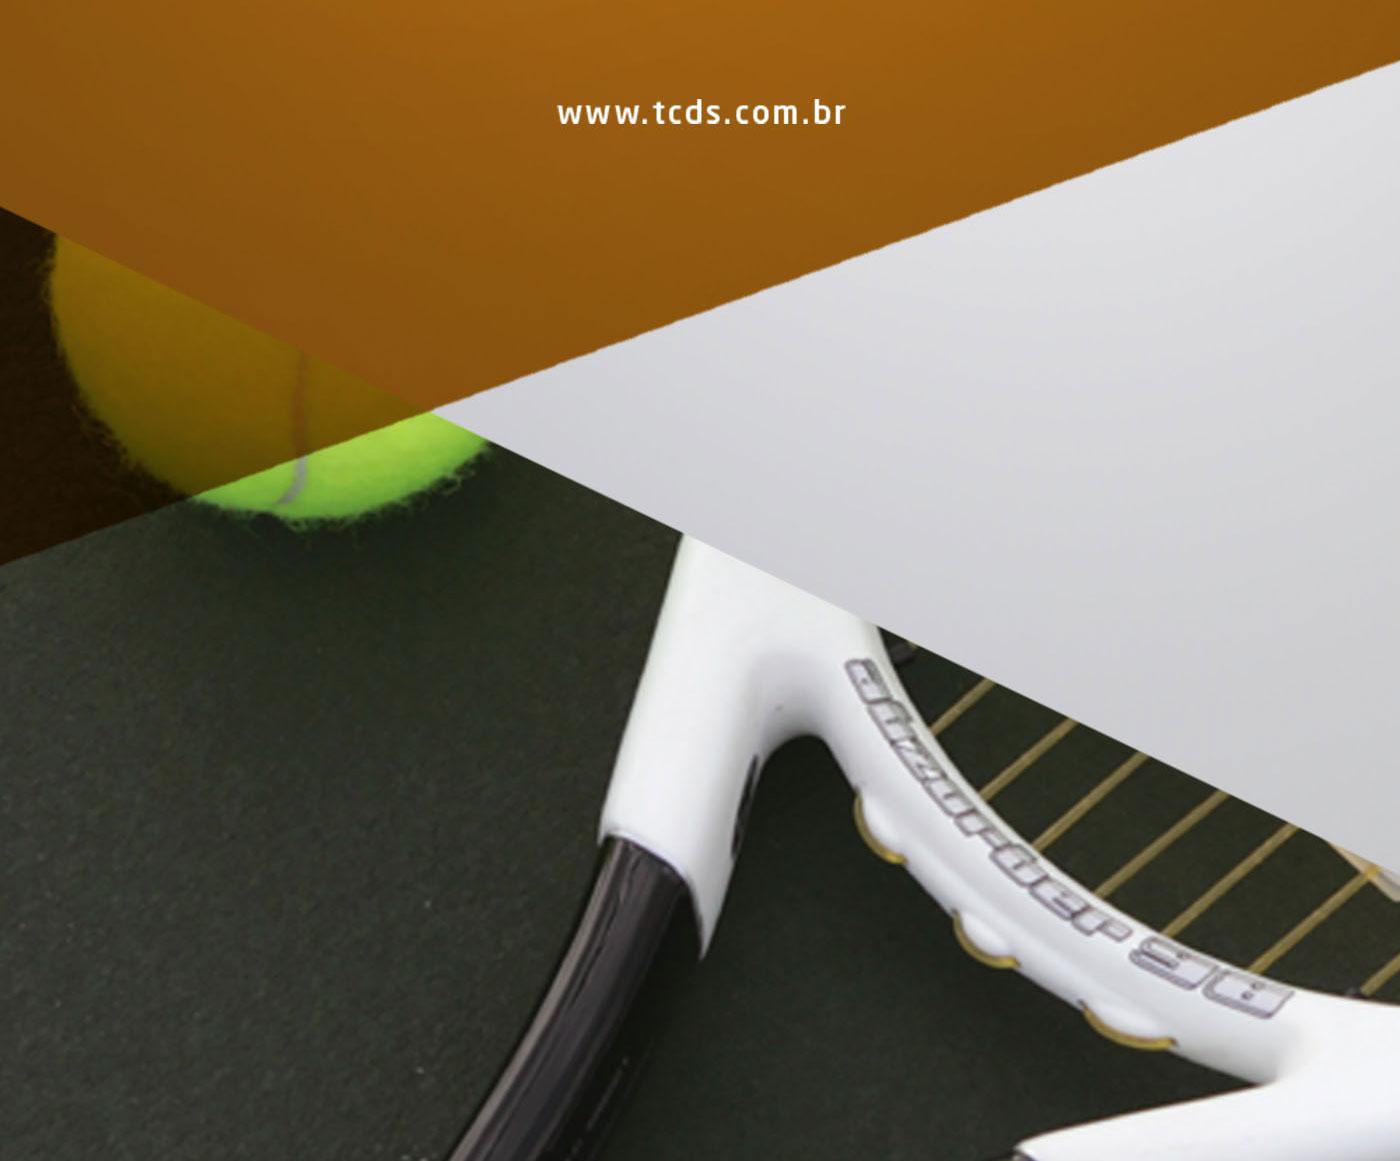 tenis_clube_santos_behance_1400px_06